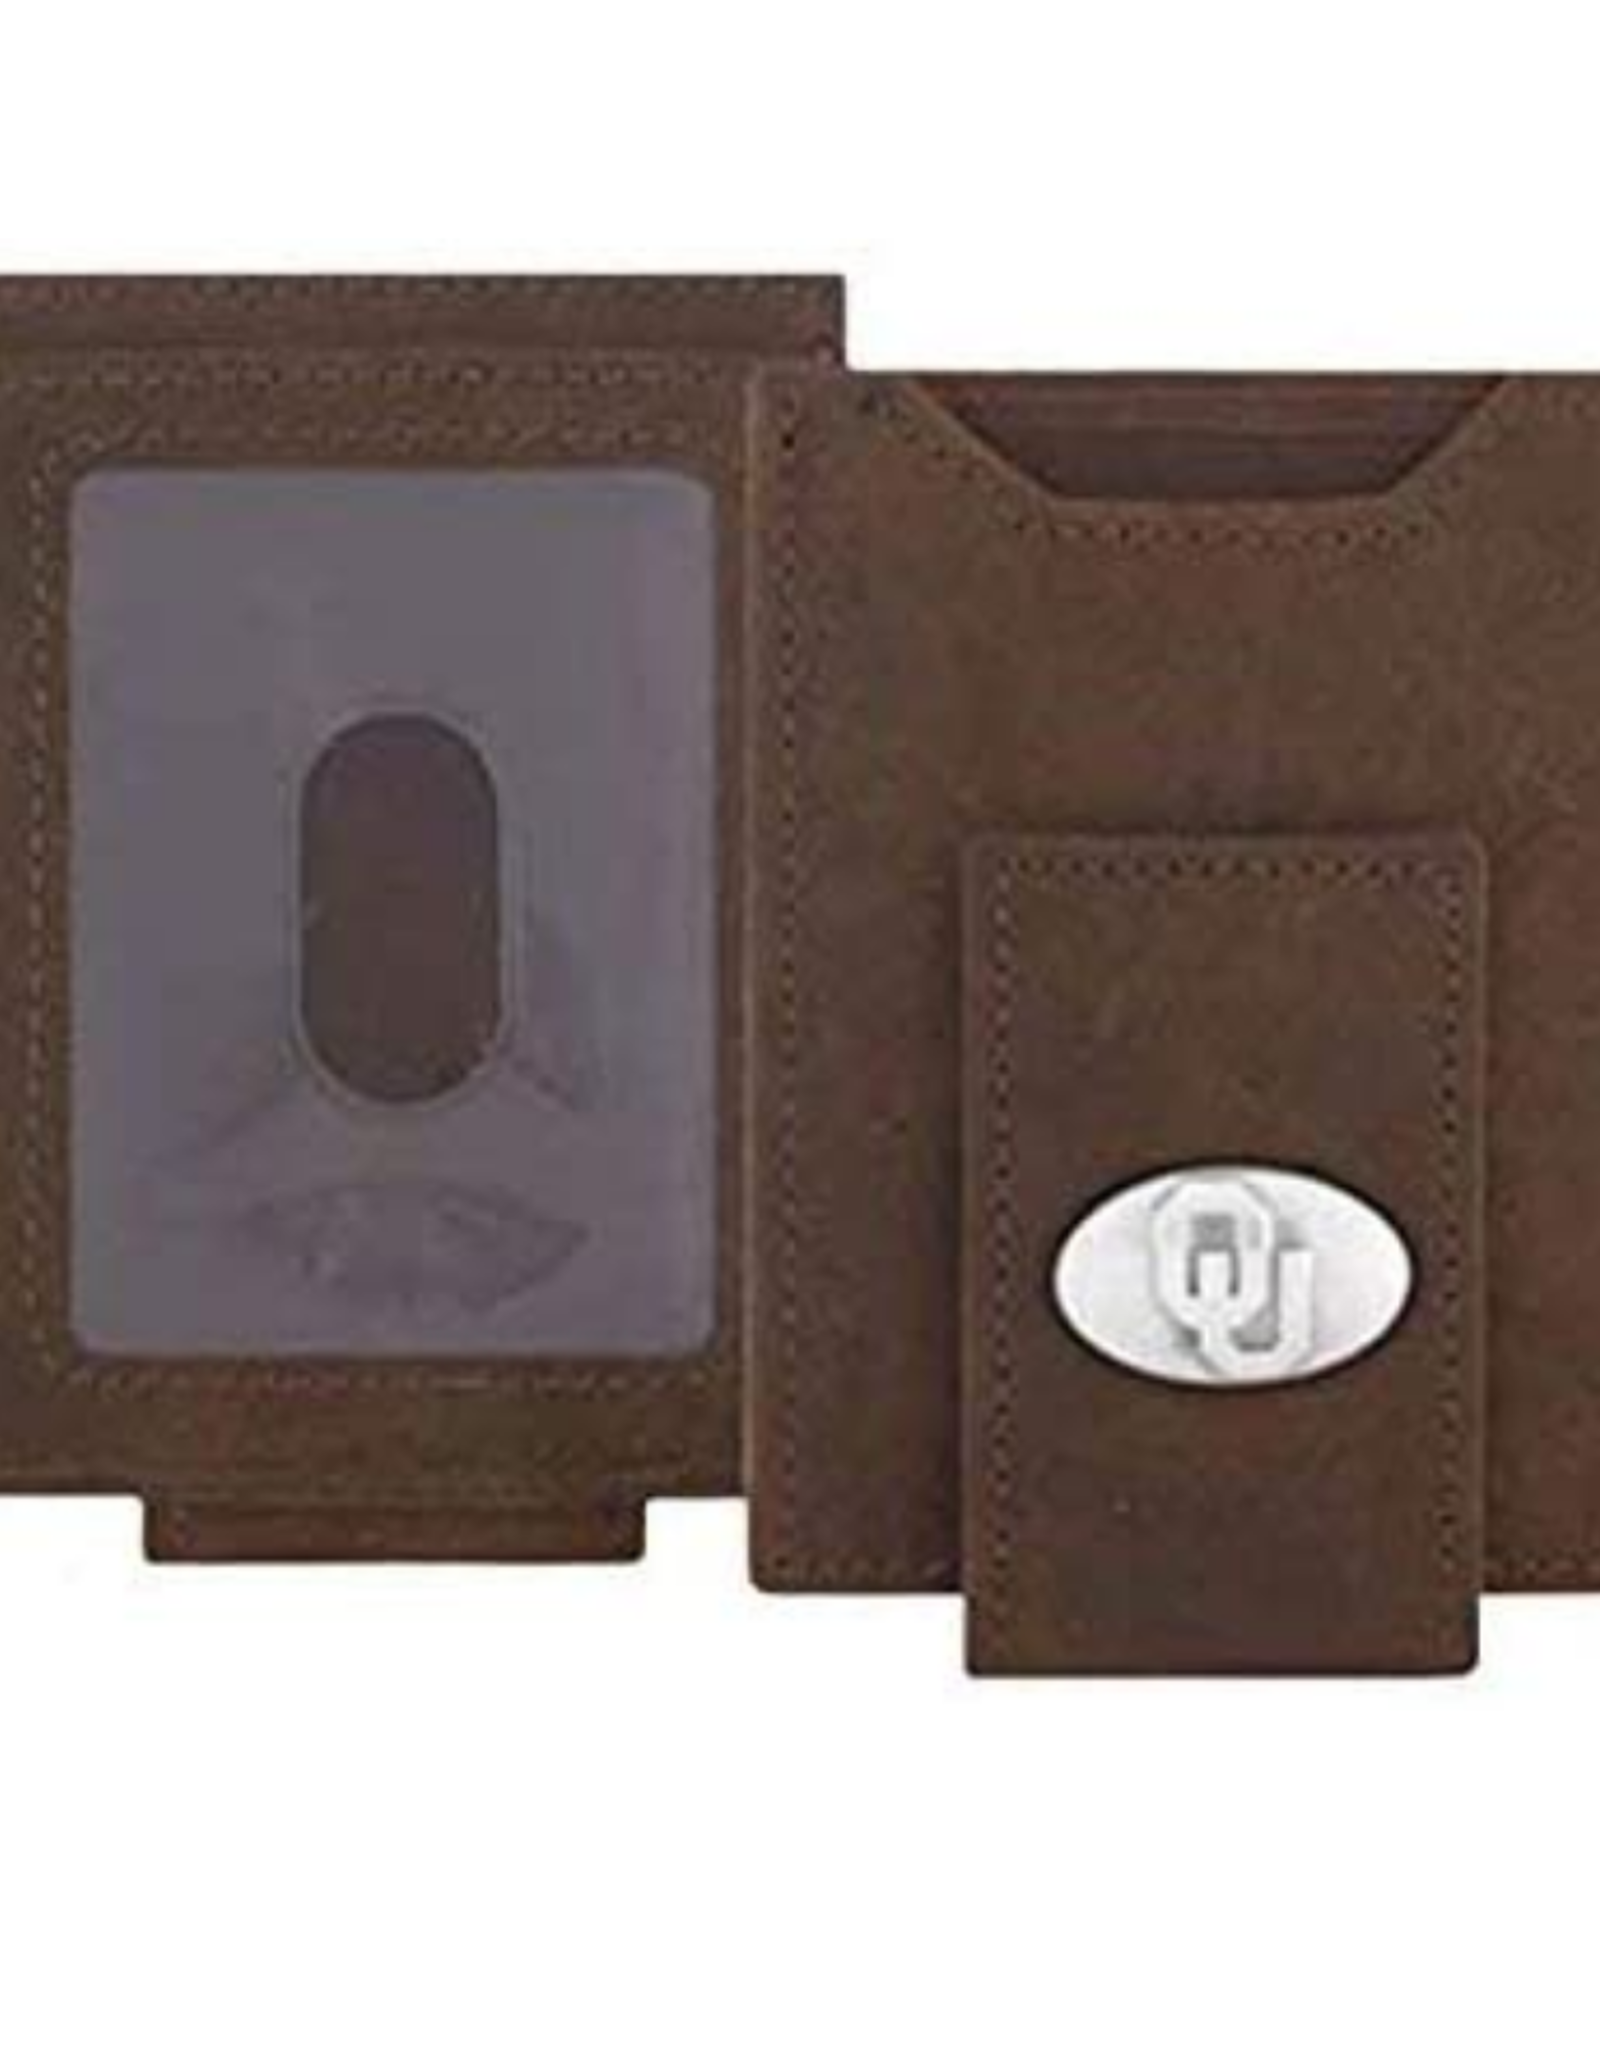 Zep-Pro Zep-Pro Lt. Brn Crazy Horse Front Pocket Wallet